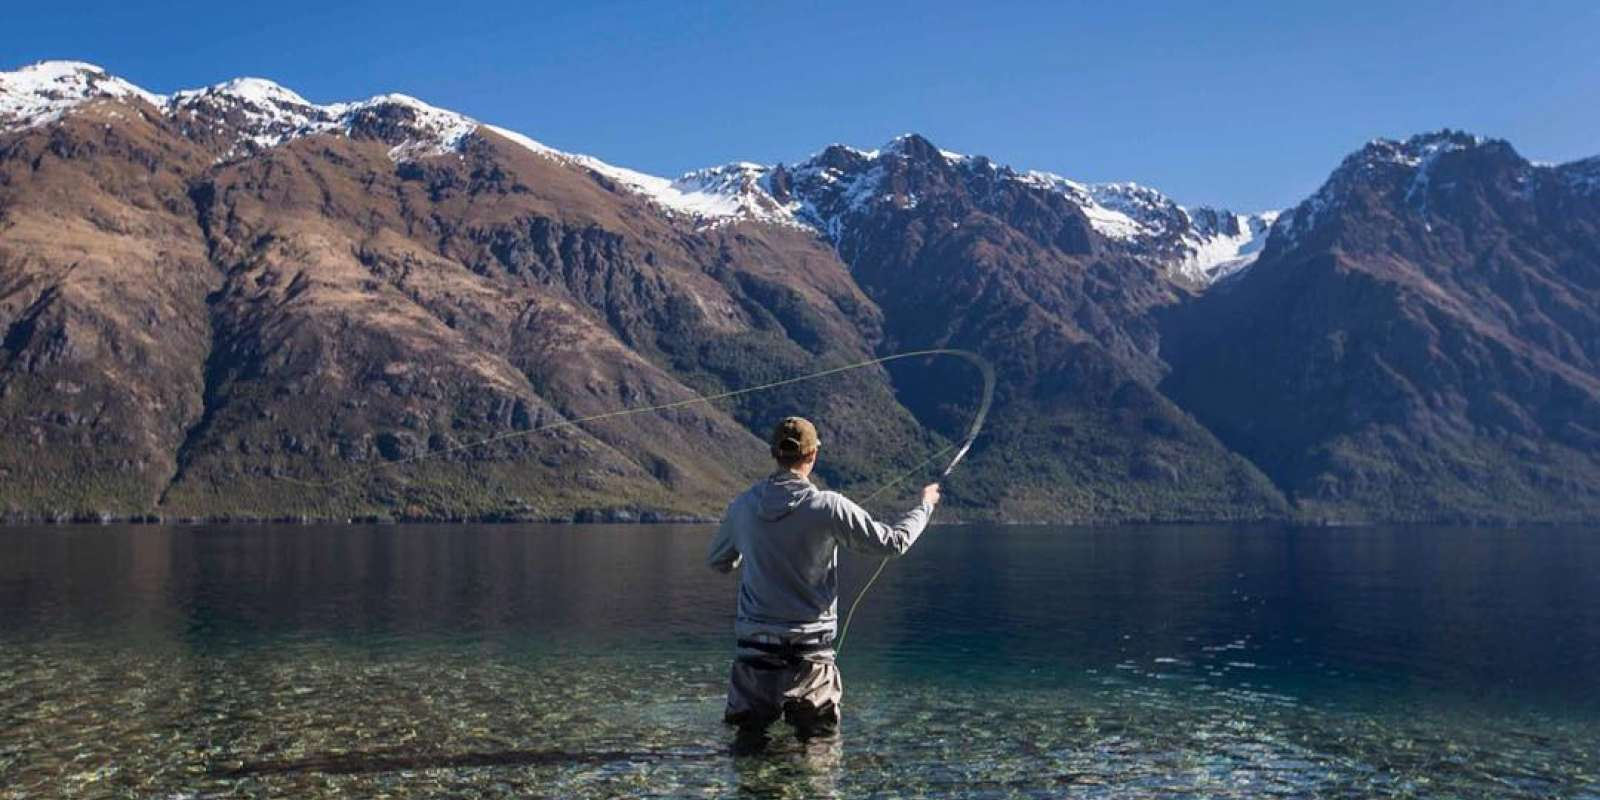 fishing in lake wakatipu queenstown new zealand